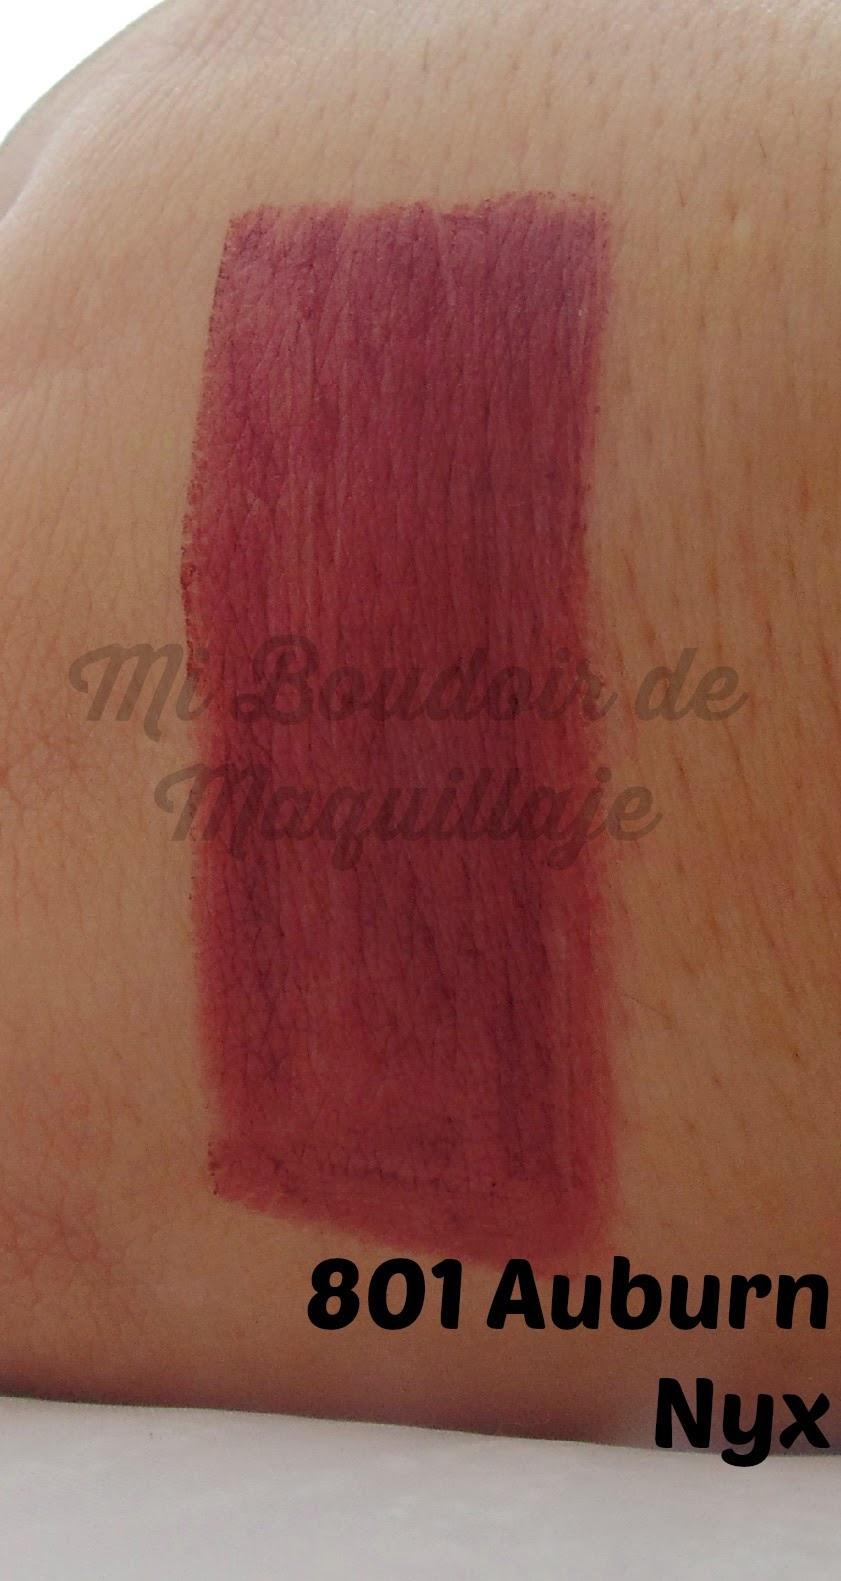 Nyx Auburn Perfilador de labios